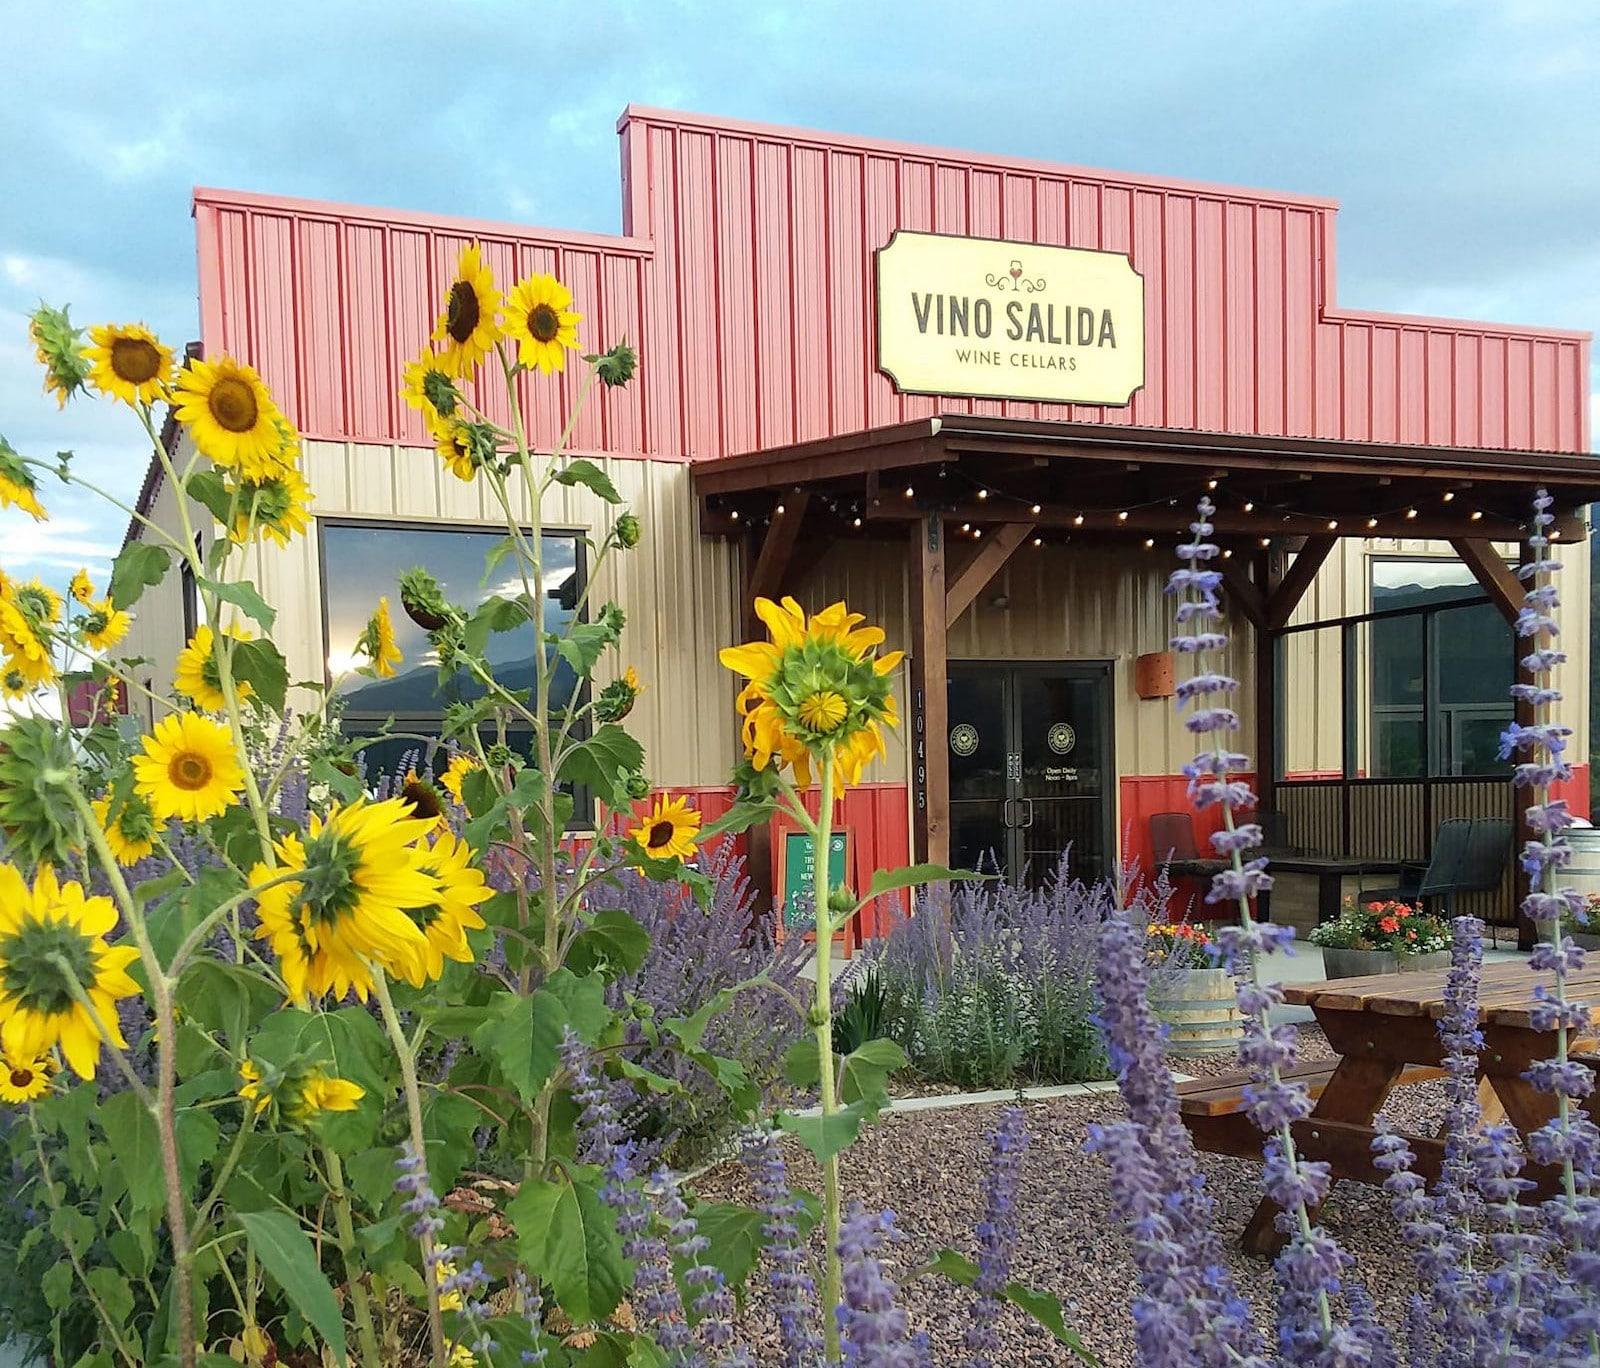 Image of Vino Salida Wine Cellars in Colorado